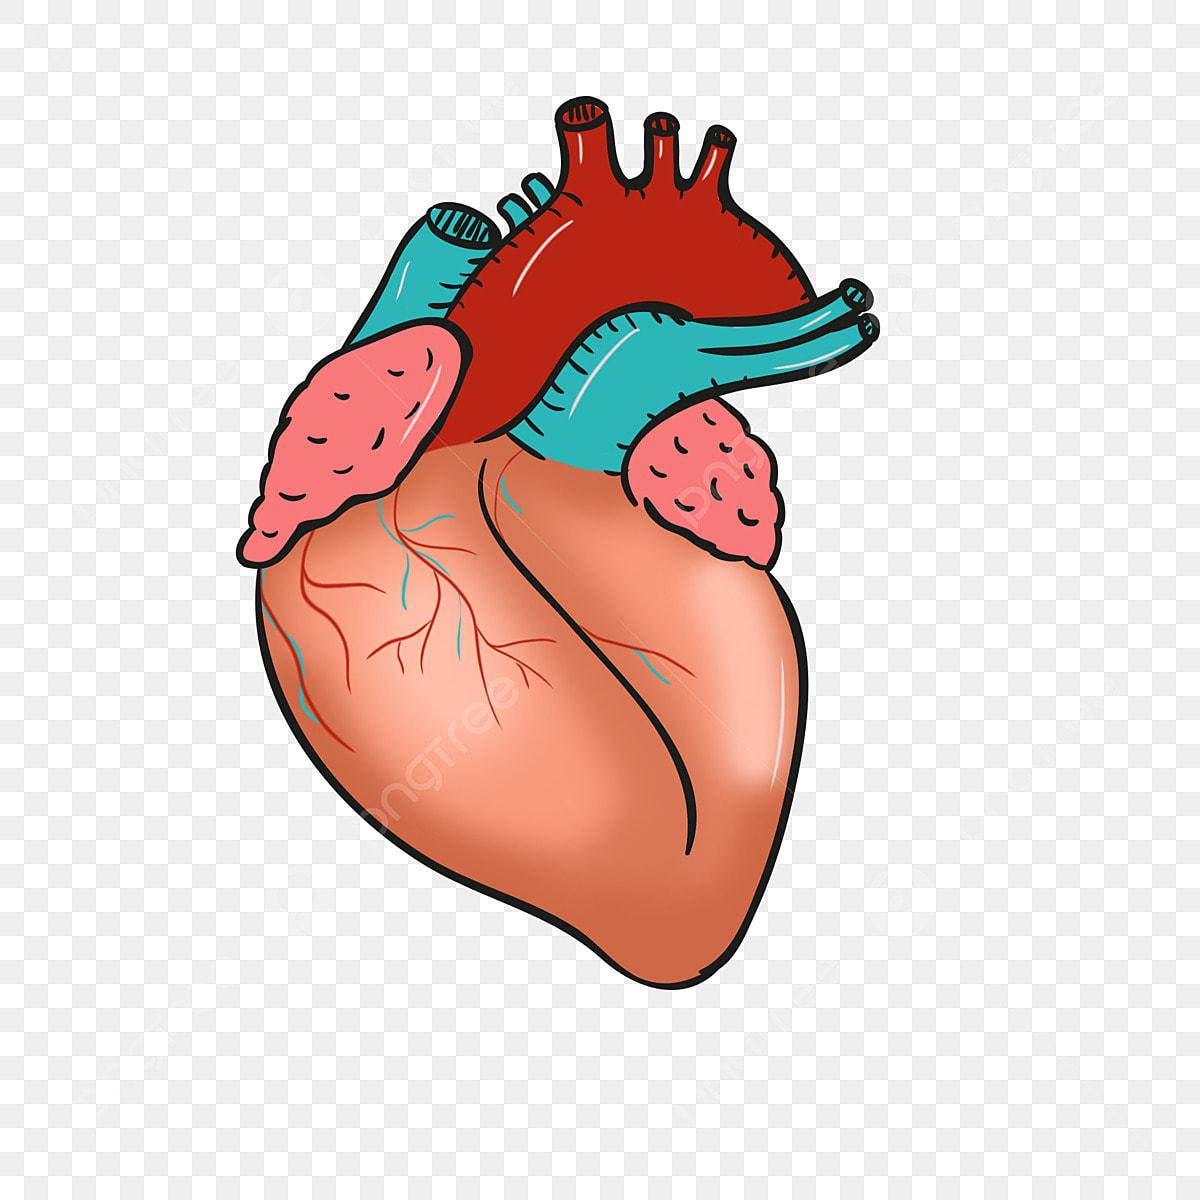 قلب أصفر قلب إبداعي قلب مرسوم باليد قلب كرتون رسم قلب الأصفر Png وملف Psd للتحميل مجانا